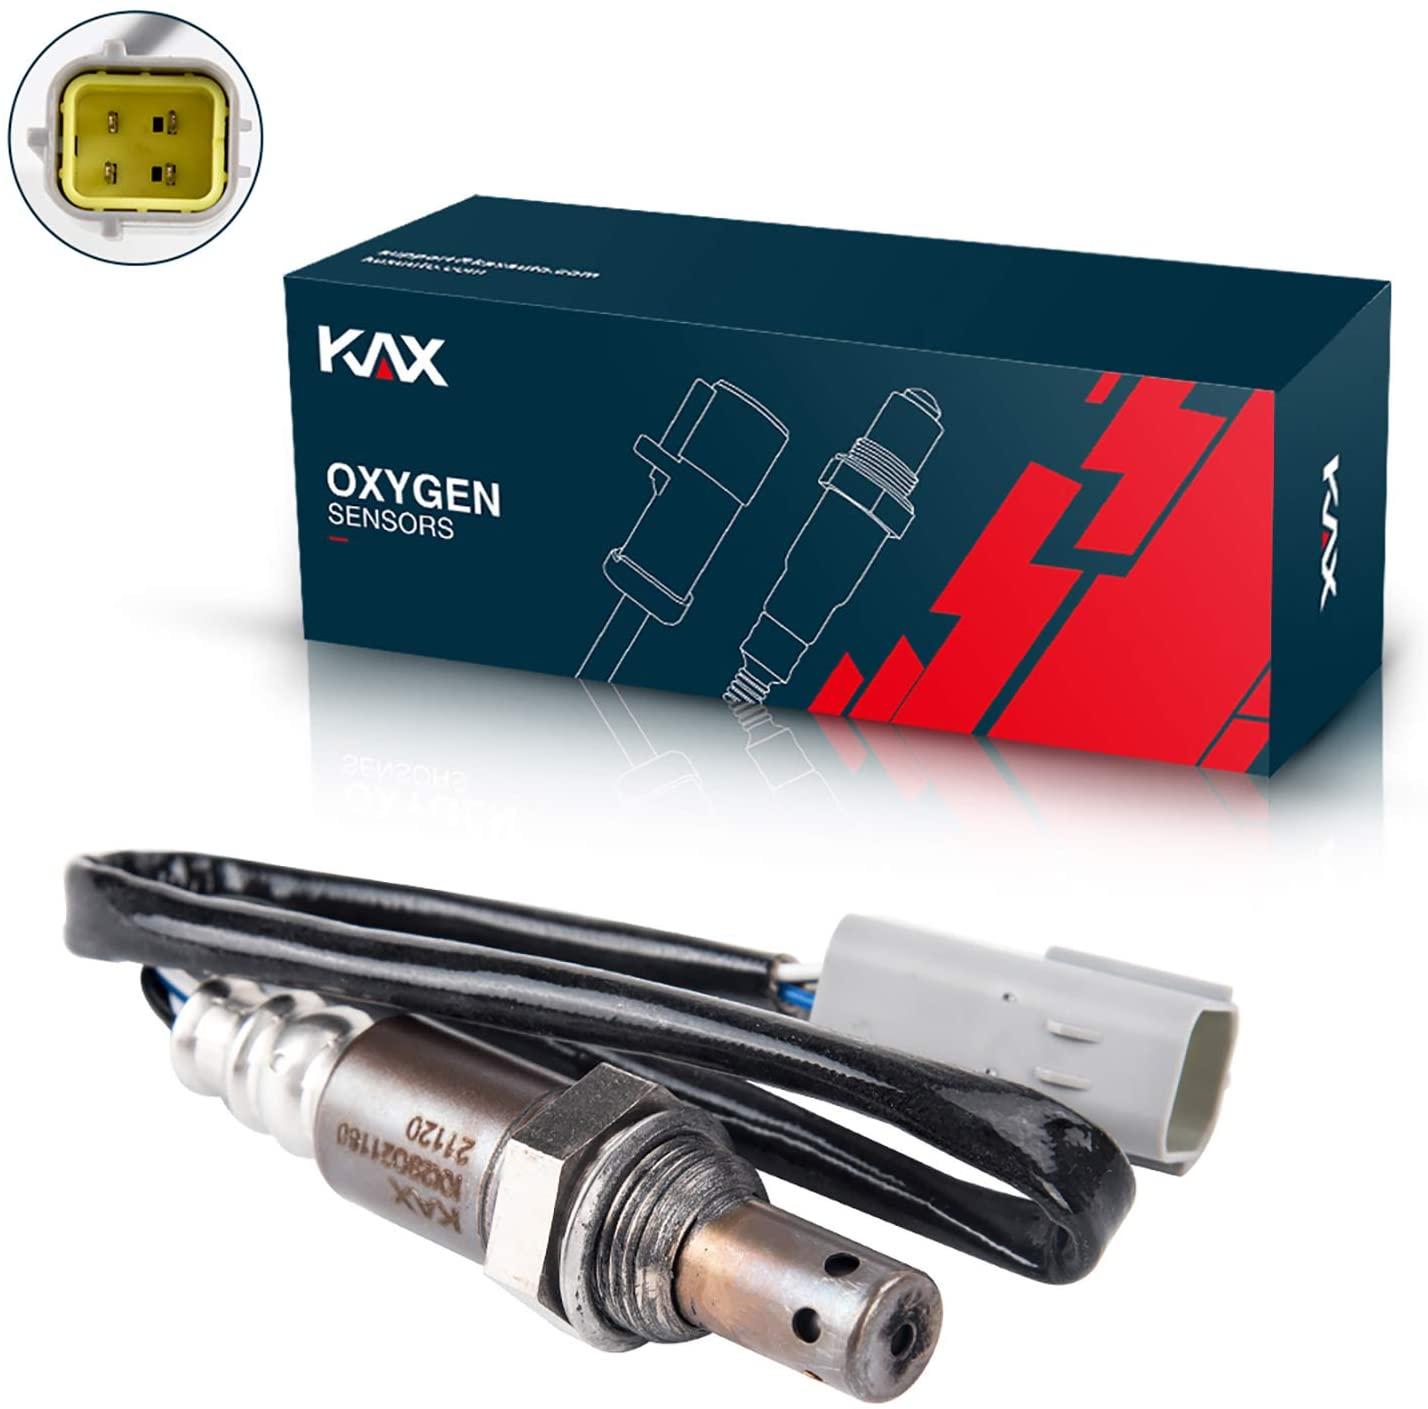 KAX 234-9038 Oxygen Sensor, Upstream 250-54037 Heated O2 Sensor Air Fuel Ratio Sensor 1 Sensor 2 Rear Front Original Equipment Replacement 1Pcs